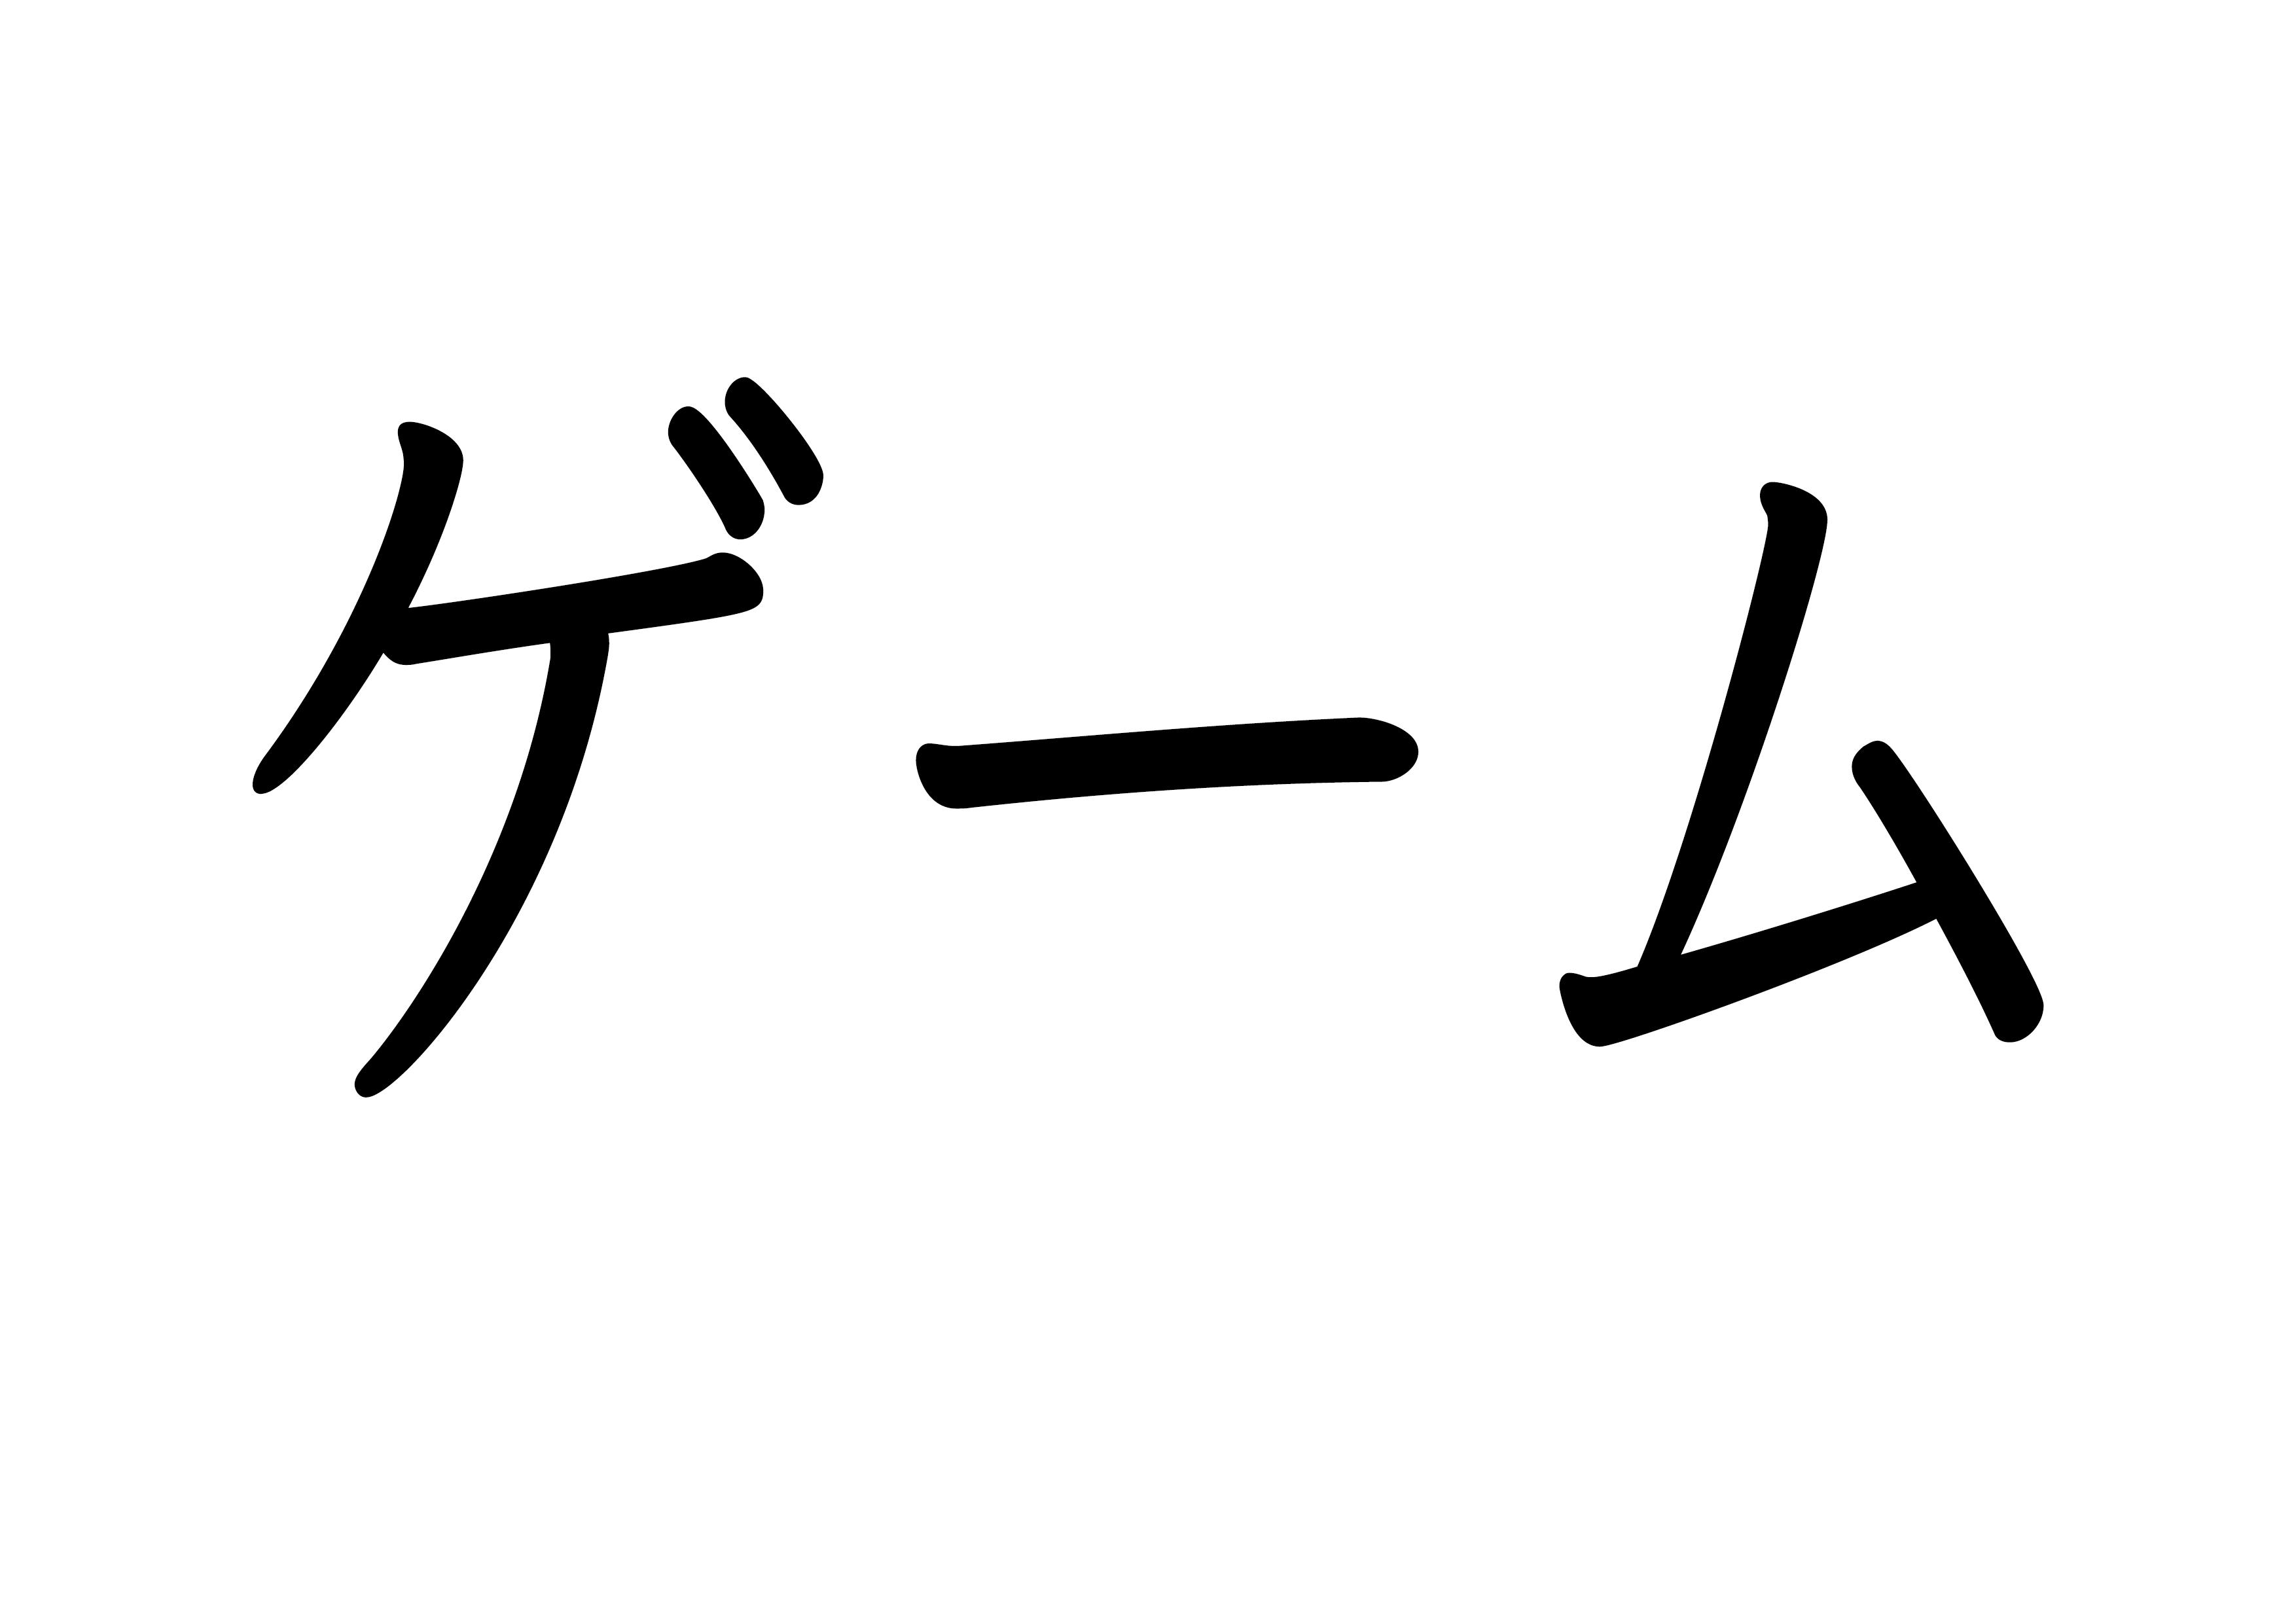 28課文字カード【ゲーム】